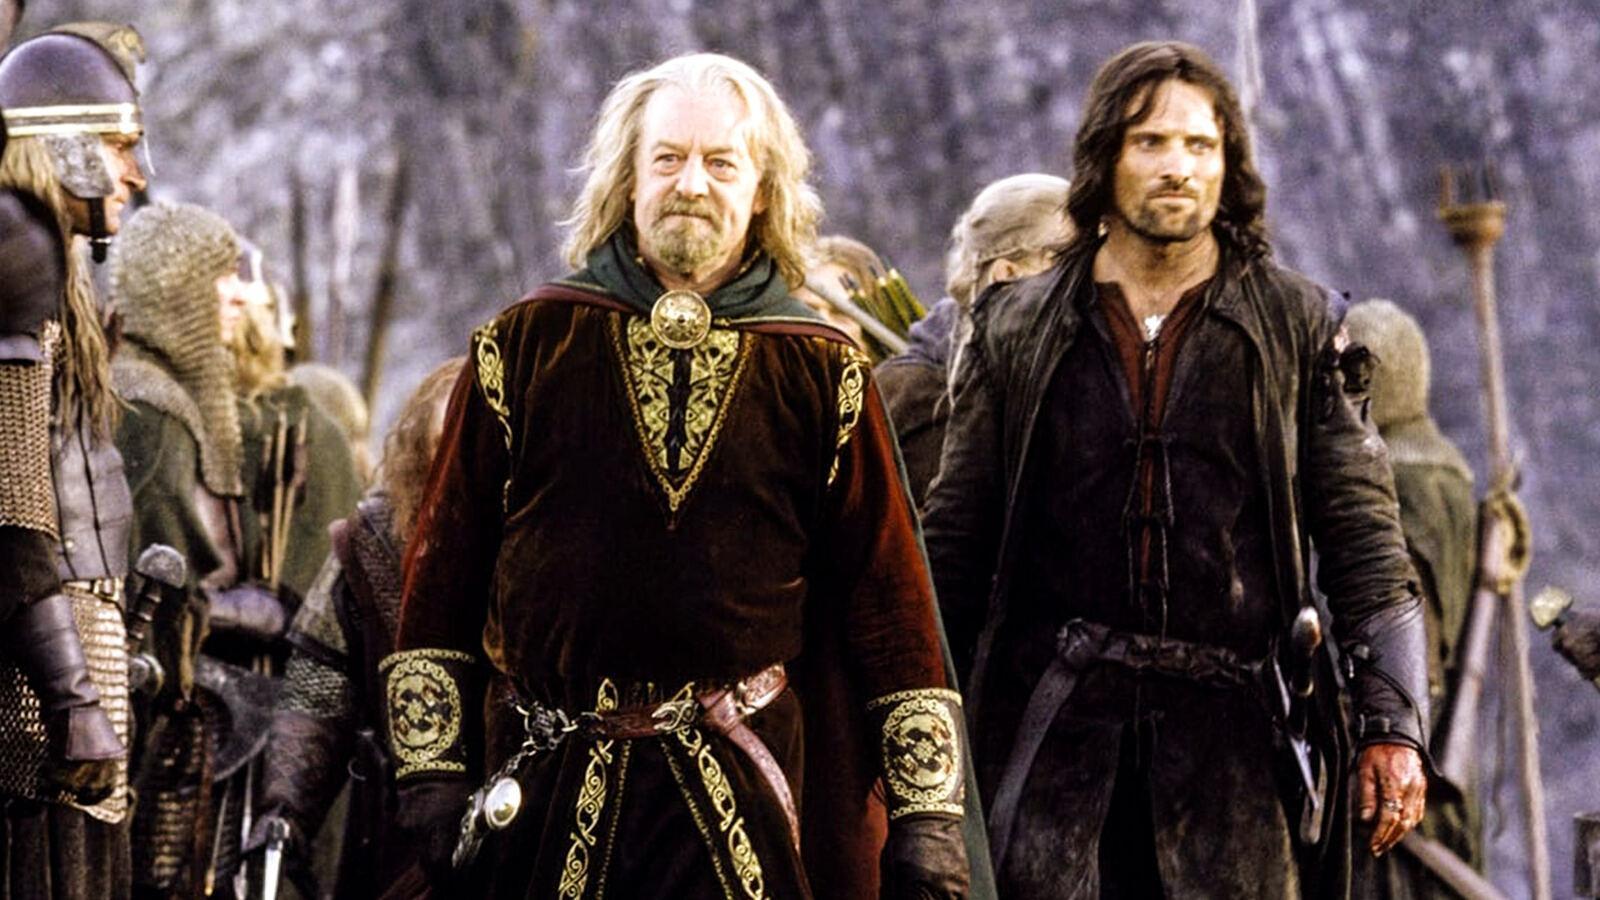 Premium Cinema 1 Il Signore degli anelli - Le due torri